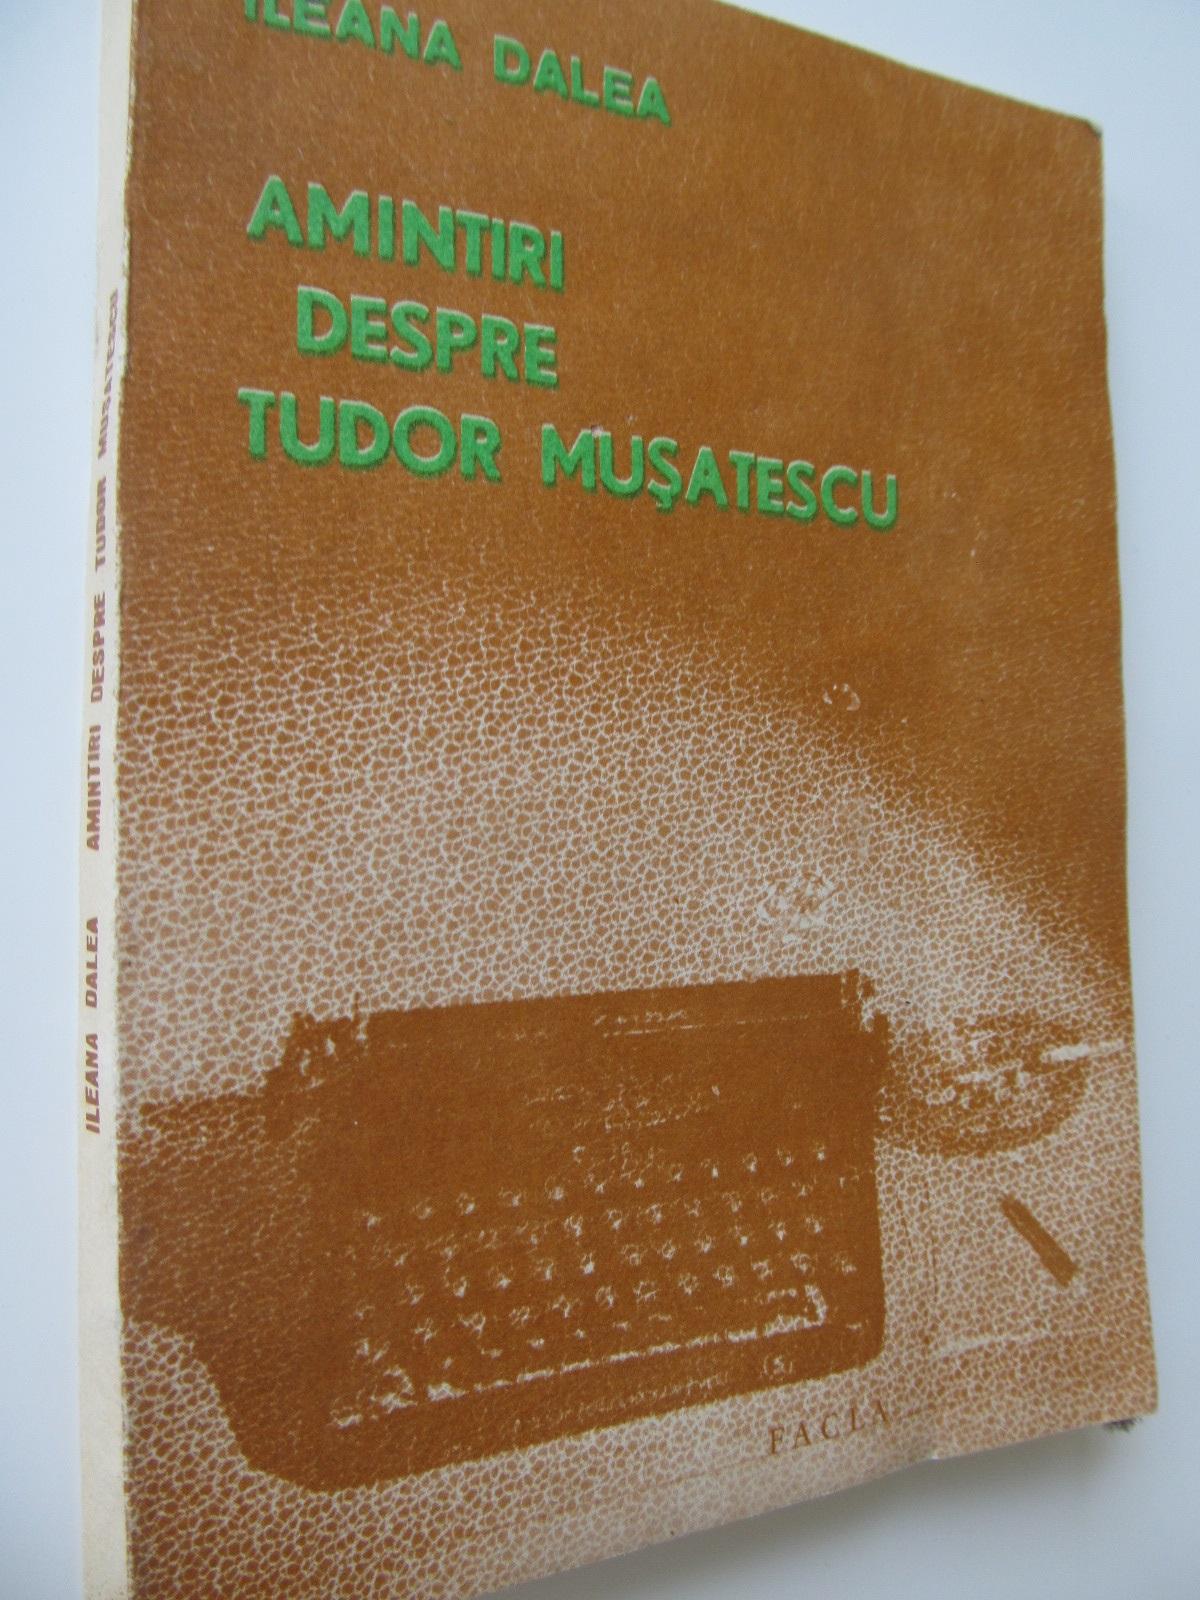 Amintiri despre Tudor Musatescu - Ileana Dalea | Detalii carte